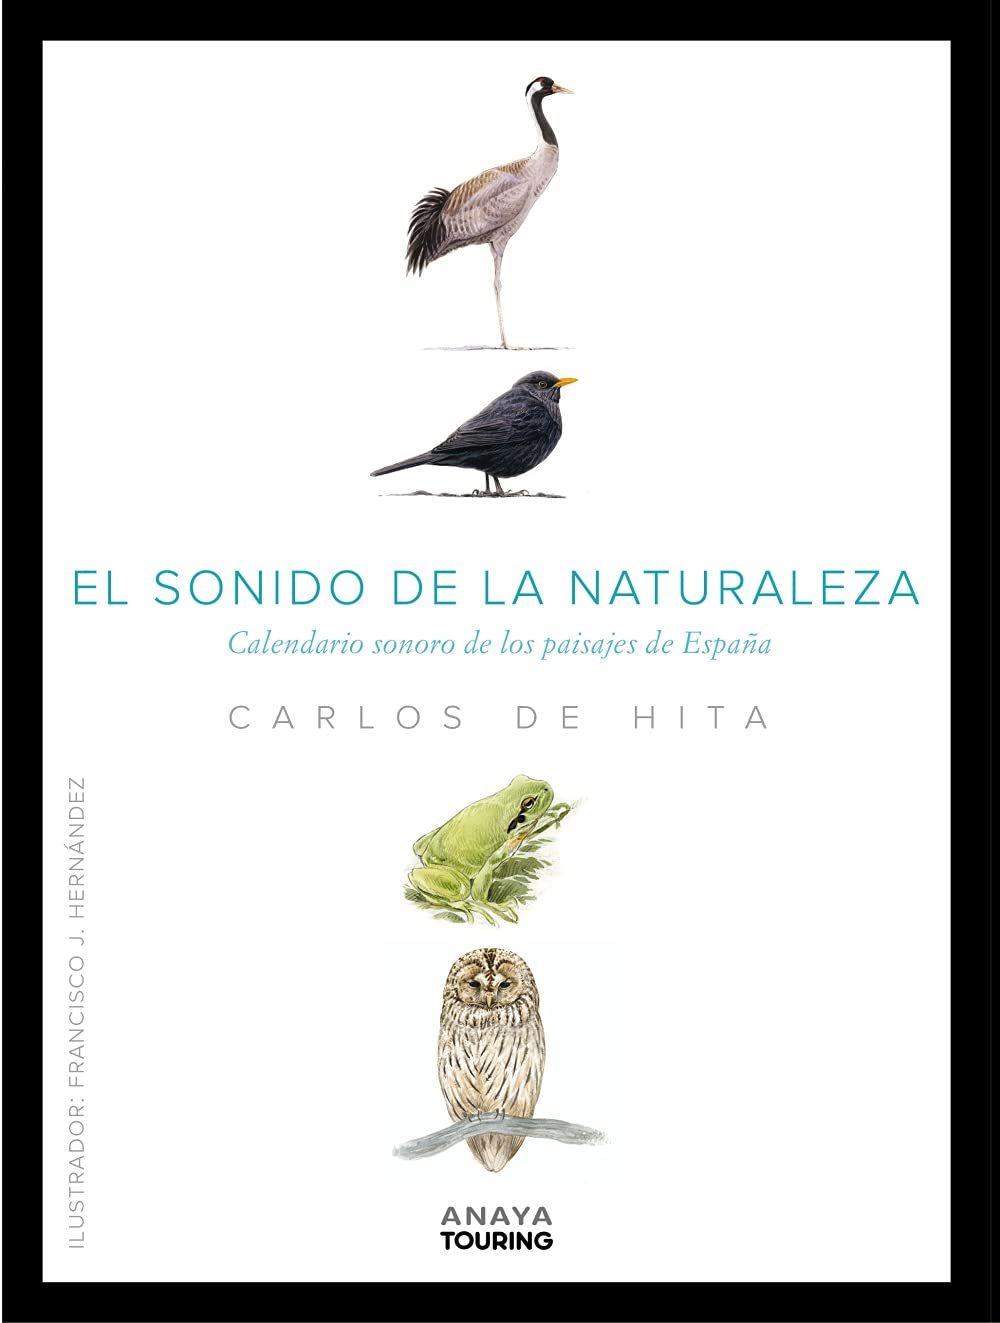 El sonido de la Naturaleza. Calendario sonoro de los paisajes de España. Anaya Touring.